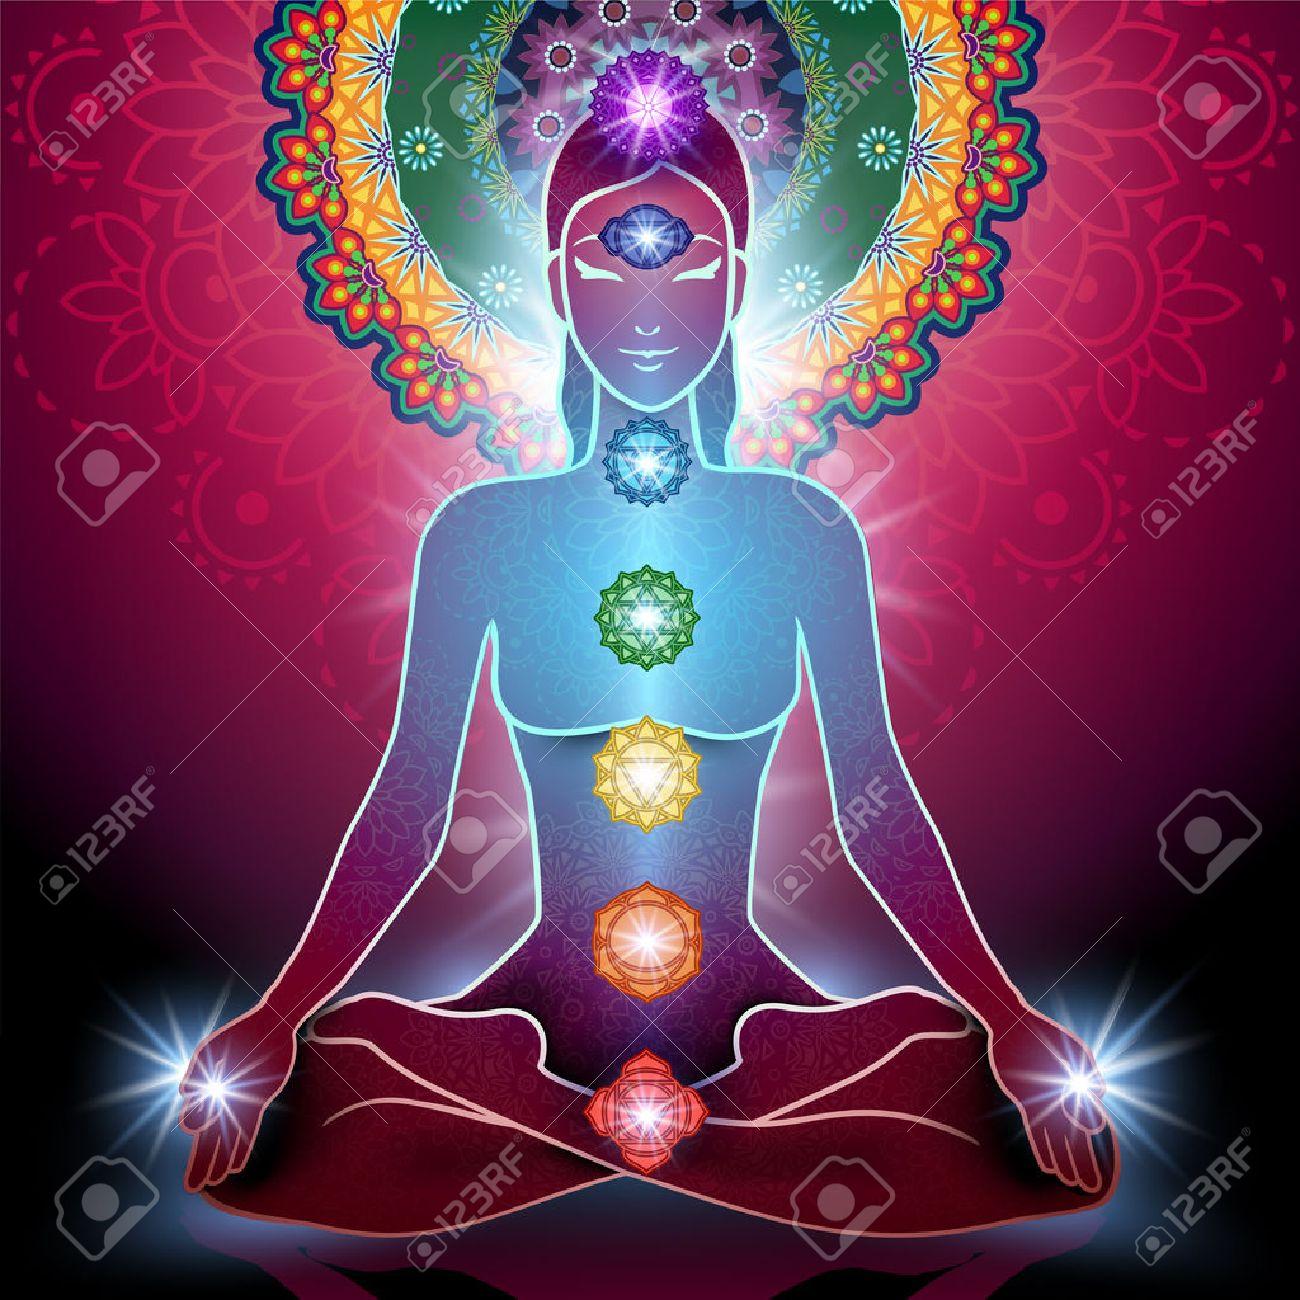 Méditation pour avoir une joie profonde en nous